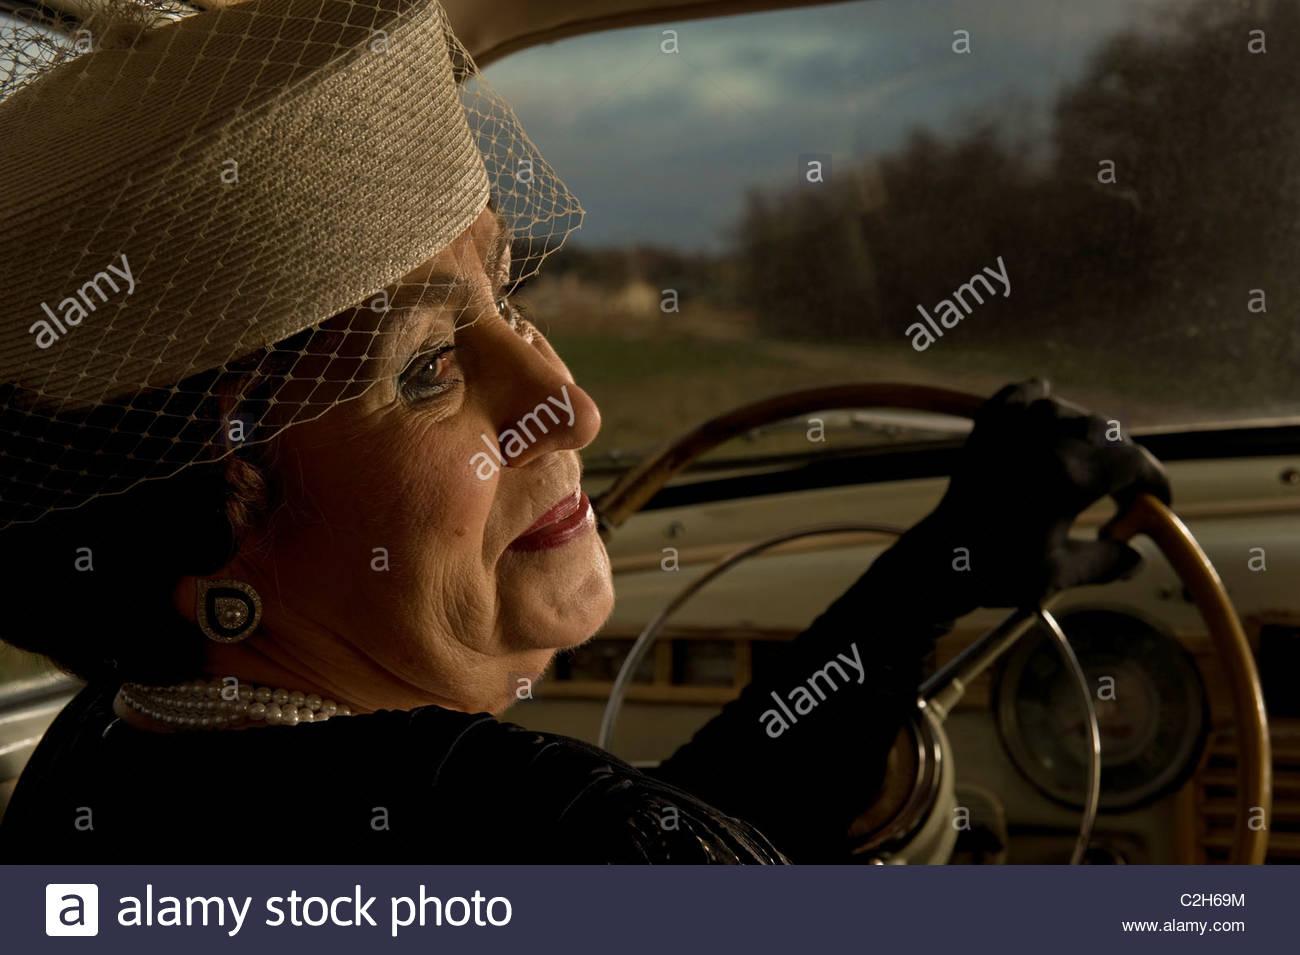 Femme Mature Senior est au volant d'une voiture d'époque Photo Stock